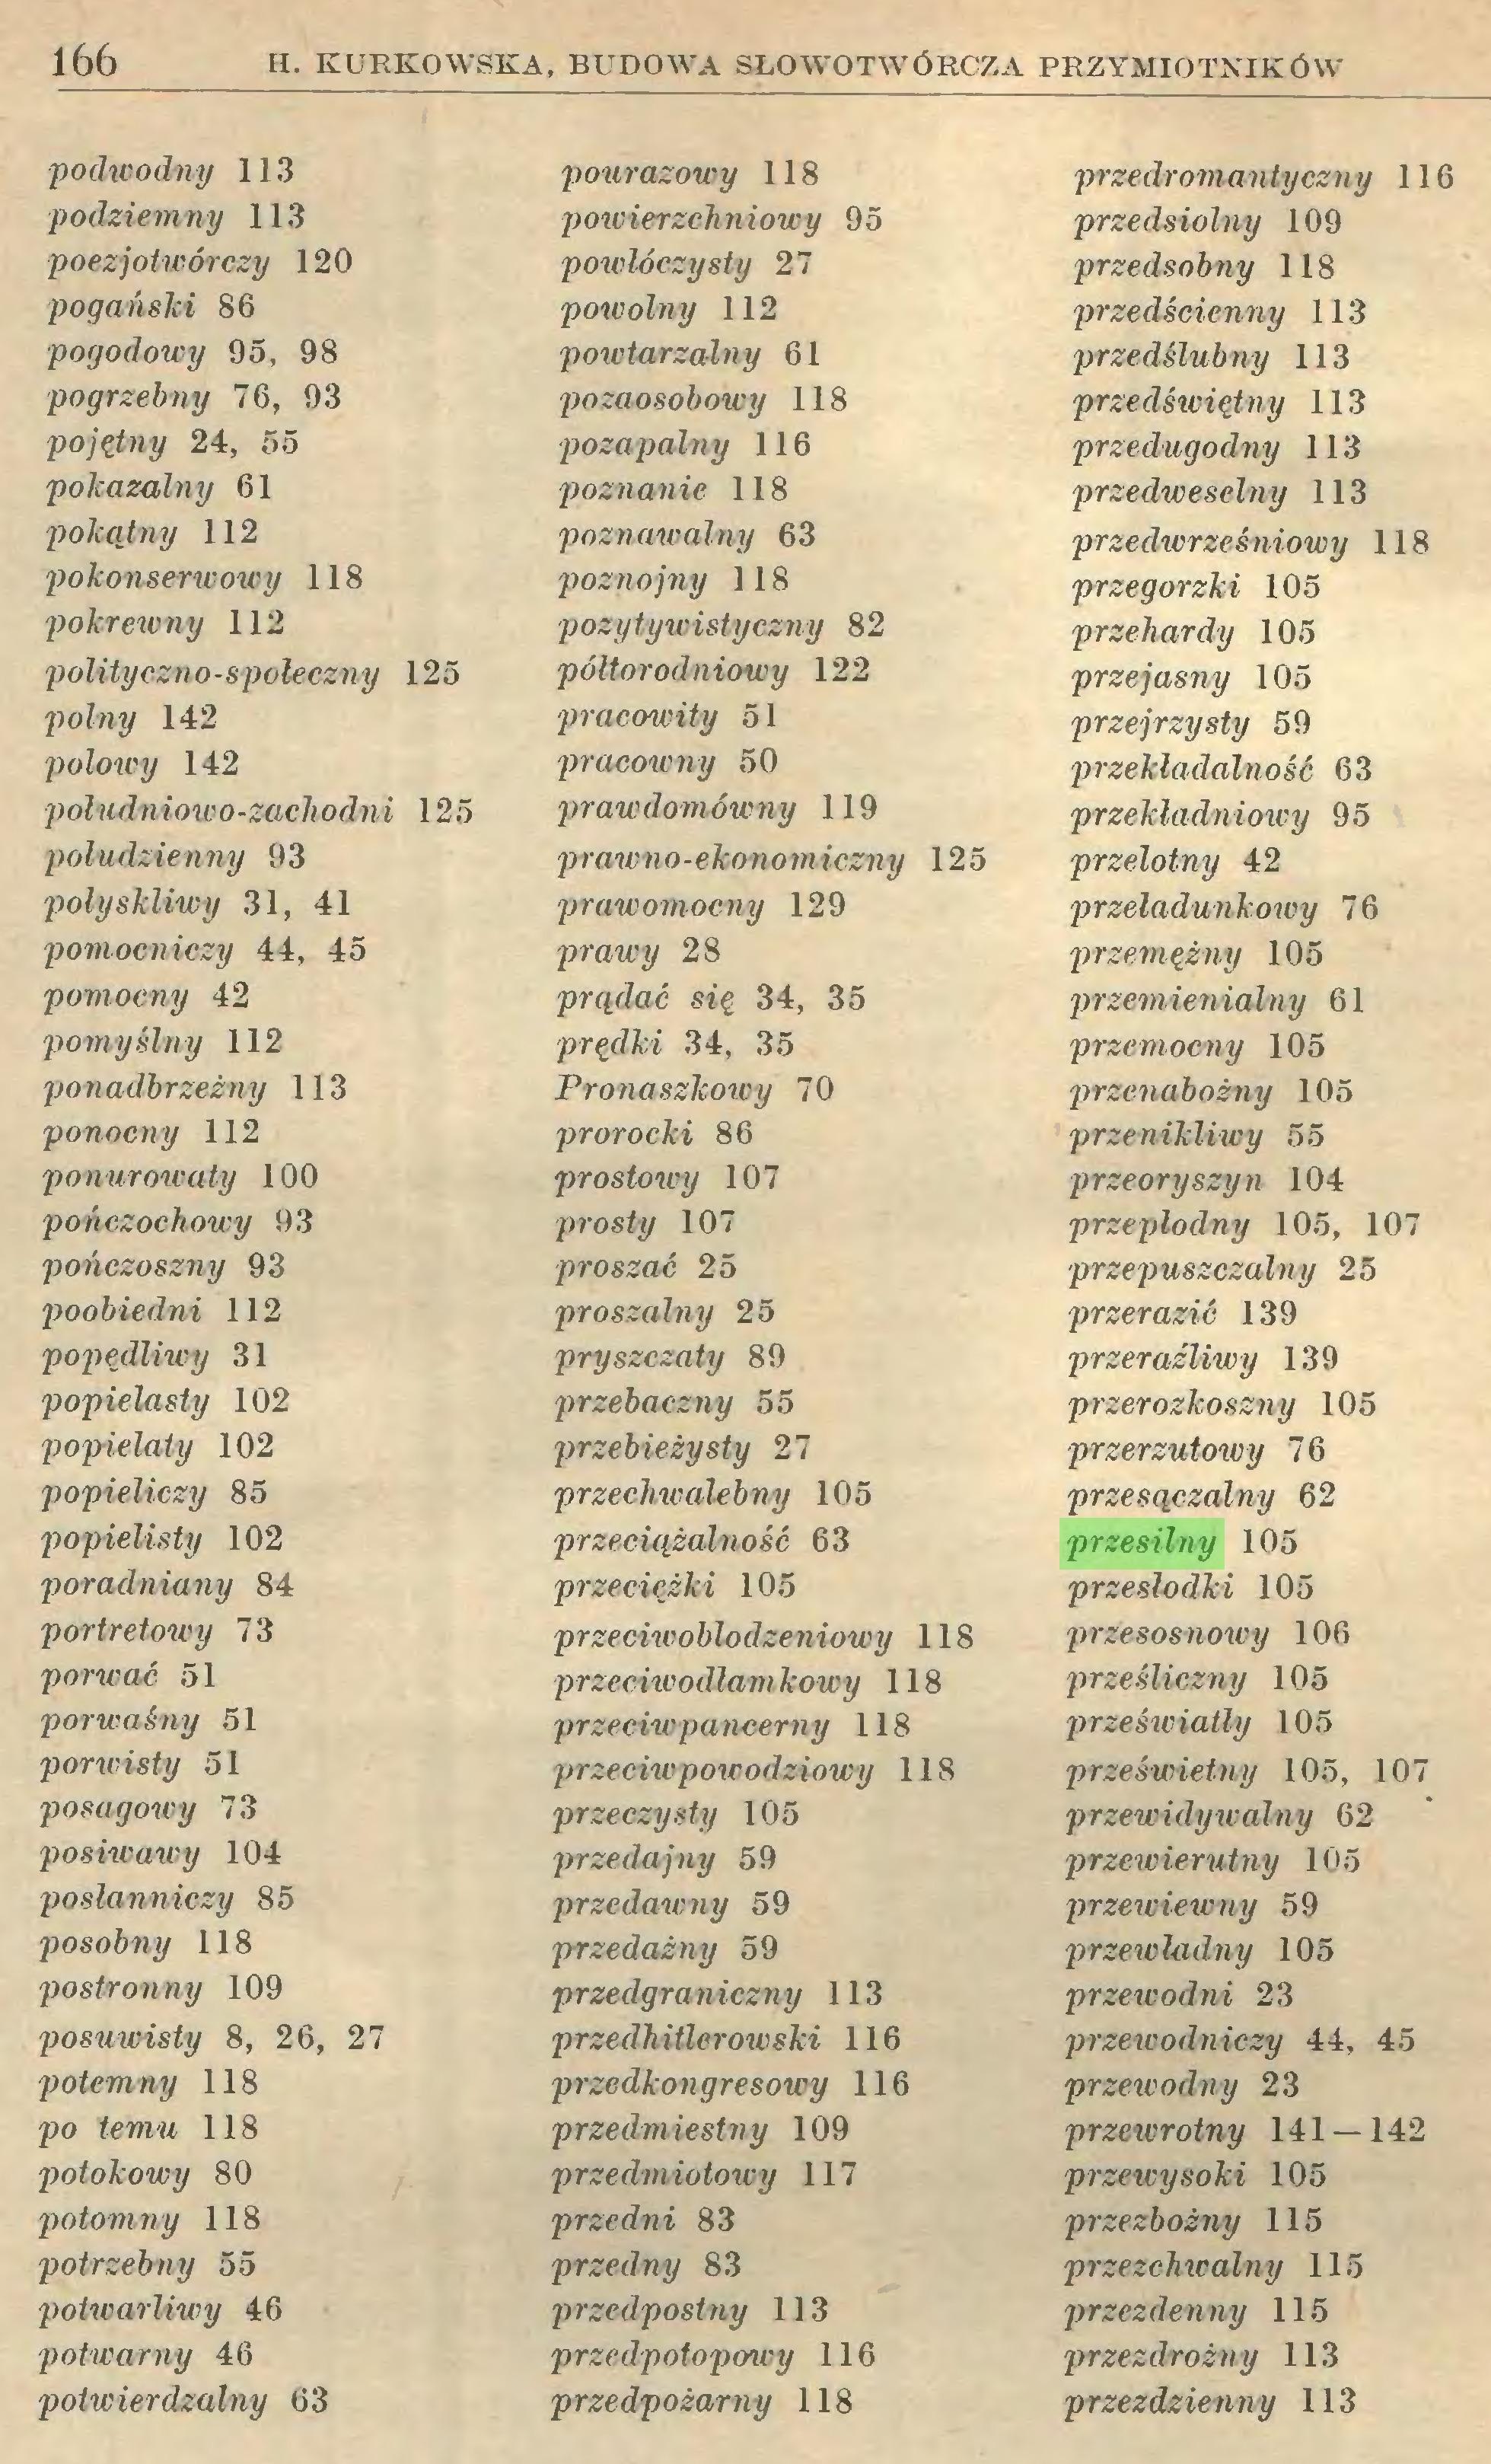 (...) 166 H. KURKOWSKA, BUDOWA SŁOWOTWÓRCZA PRZYMIOTNIKÓW podicodny 113 'podziemny 113 poezjotwórczy 120 pogański 86 pogodowy 95, 98 pogrzebny 76, 93 pojętny 24, 55 poTcazalny 61 pokątny 112 pokonserwowy 118 pokrewny 112 polityczno-społeczny 125 polny 142 połowy 142 południowo-zachodni 125 połudzienny 93 połyskliwy 31, 41 pomocniczy 44, 45 pomocny 42 pomyślny 112 ponadbrzeżny 113 ponocny 112 ponurowaty 100 pończochowy 93 pończoszny 93 poobiedni 112 popędliwy 31 popielasty 102 popielaty 102 popieliczy 85 popielisty 102 poradniany 84 portretowy 73 porwać 51 porwaśny 51 porwisty 51 posagowy 73 posiwawy 104 posłanniczy 85 posobny 118 postronny 109 posuwisty 8, 26, 27 potemny 118 po temu 118 potokowy 80 potomny 118 potrzebny 55 potwarliwy 46 potworny 46 potwierdzalny 63 pourazowy 118 powierzchniowy 95 powłóczysty 21 powolny 112 powtarzalny 61 pozaosobowy 118 pozapalny 116 poznanie 118 poznawalny 63 poznojny 118 pozytywistyczny 82 póltorodniowy 122 pracowity 51 pracowny 50 prawdomówny 119 prawno-ekonomiczny 125 prawomocny 129 prawy 28 prądać się 34, 35 prędki 34, 35 Pronaszkowy 70 prorocki 86 prosto wy 107 prosty 107 prosząc 25 proszalny 25 pryszczaty 89 przebaczny 55 przebieżysty 27 przeclmalebny 105 przeciążalność 63 przeciężki 105 przeciwoblodzeniowy 118 przeciwodłamkowy 118 przeciwpa ncerny 118 przeciwpowodziowy 118 przeczysty 105 przedajny 59 przedawny 59 przedażny 59 przedgraniczny 113 przedhitlerowski 116 przedkongresowy 116 przedmiestny 109 przedmiotowy 117 przedni 83 przędny 83 przedpostny 113 przedpotopowy 116 przedpożarny 118 przedromaniyczny 116 przedsiolny 109 przedsobny 118 przedścienny 113 przedślubny 113 przedświętny 113 przedugodny 113 przedwe8elny 113 przedwrześniowy 118 przegorzki 105 przehardy 105 przejasny 105 przejrzysty 59 przekładalność 63 przekładniowy 95 przelotny 42 przeładunkoicy 76 przemężny 105 przemienialny 61 przemocny 105 przenabożny 105 przenikliwy 55 przeoryszyn 104 przeplodny 105, 107 przepuszczalny 25 przerazić 139 przeraźliwy 139 prze